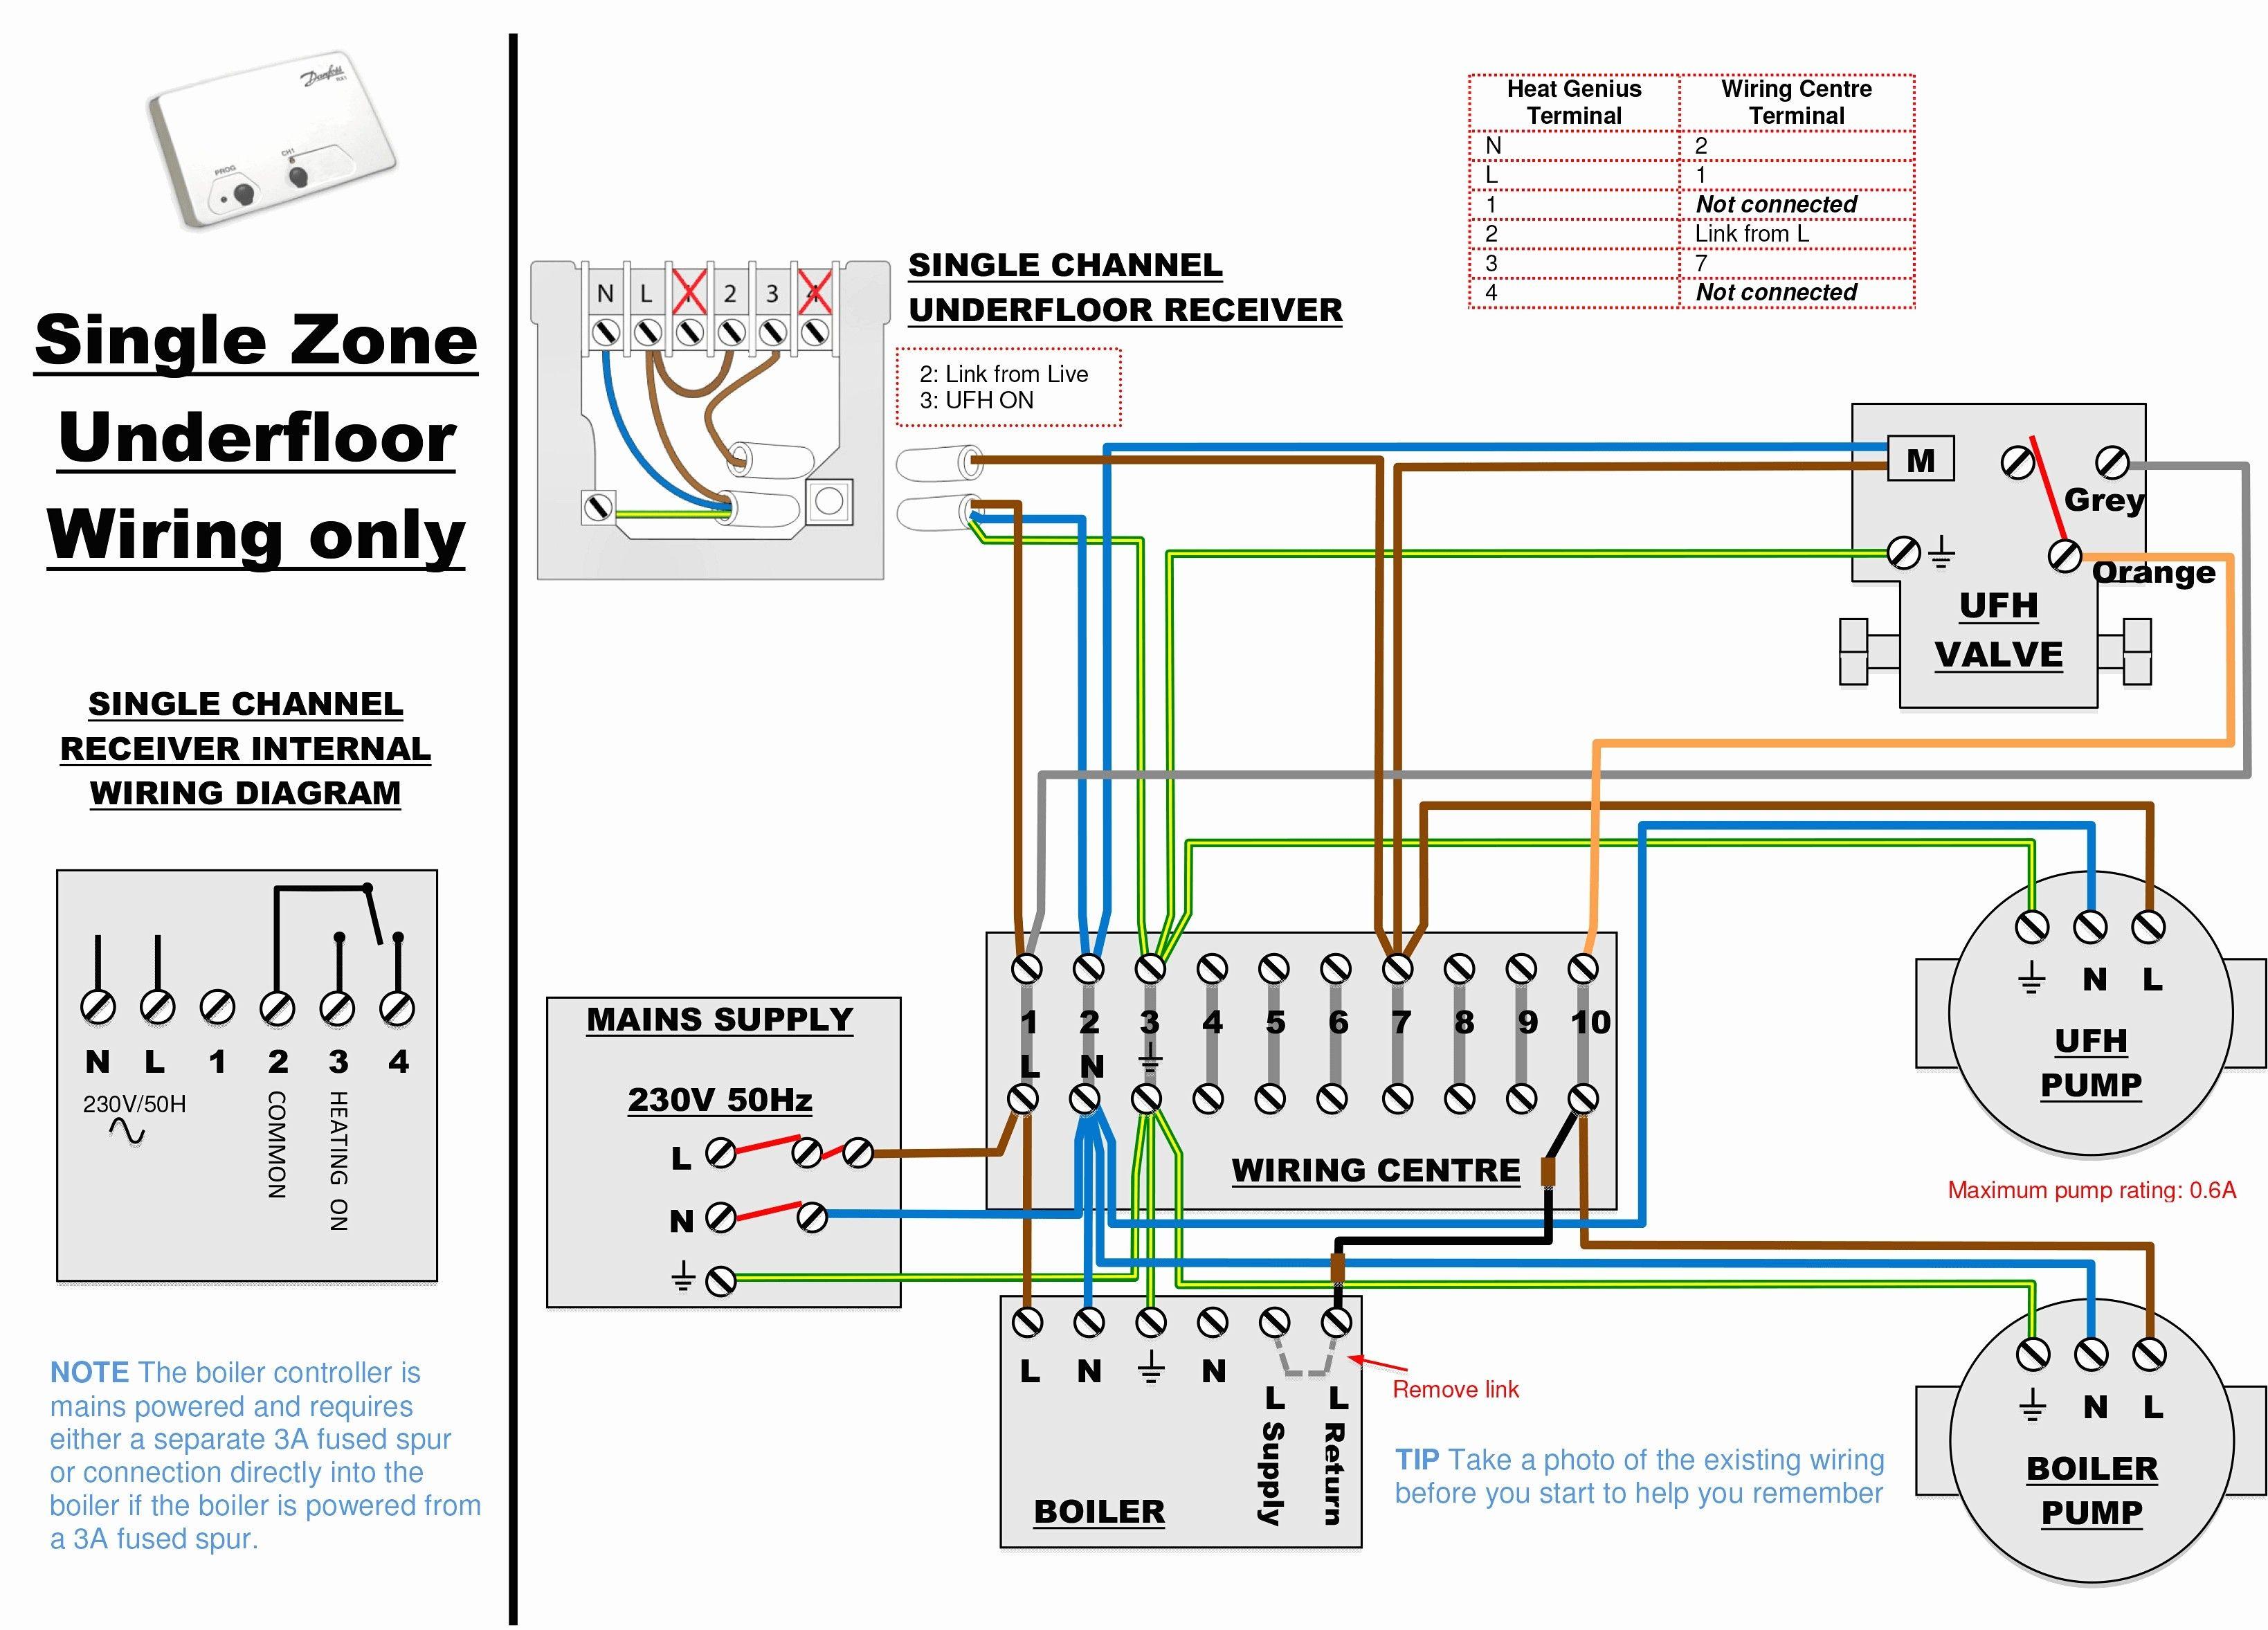 Danfoss Wiring Diagram Central Heating Diagram Diagramtemplate Diagramsample